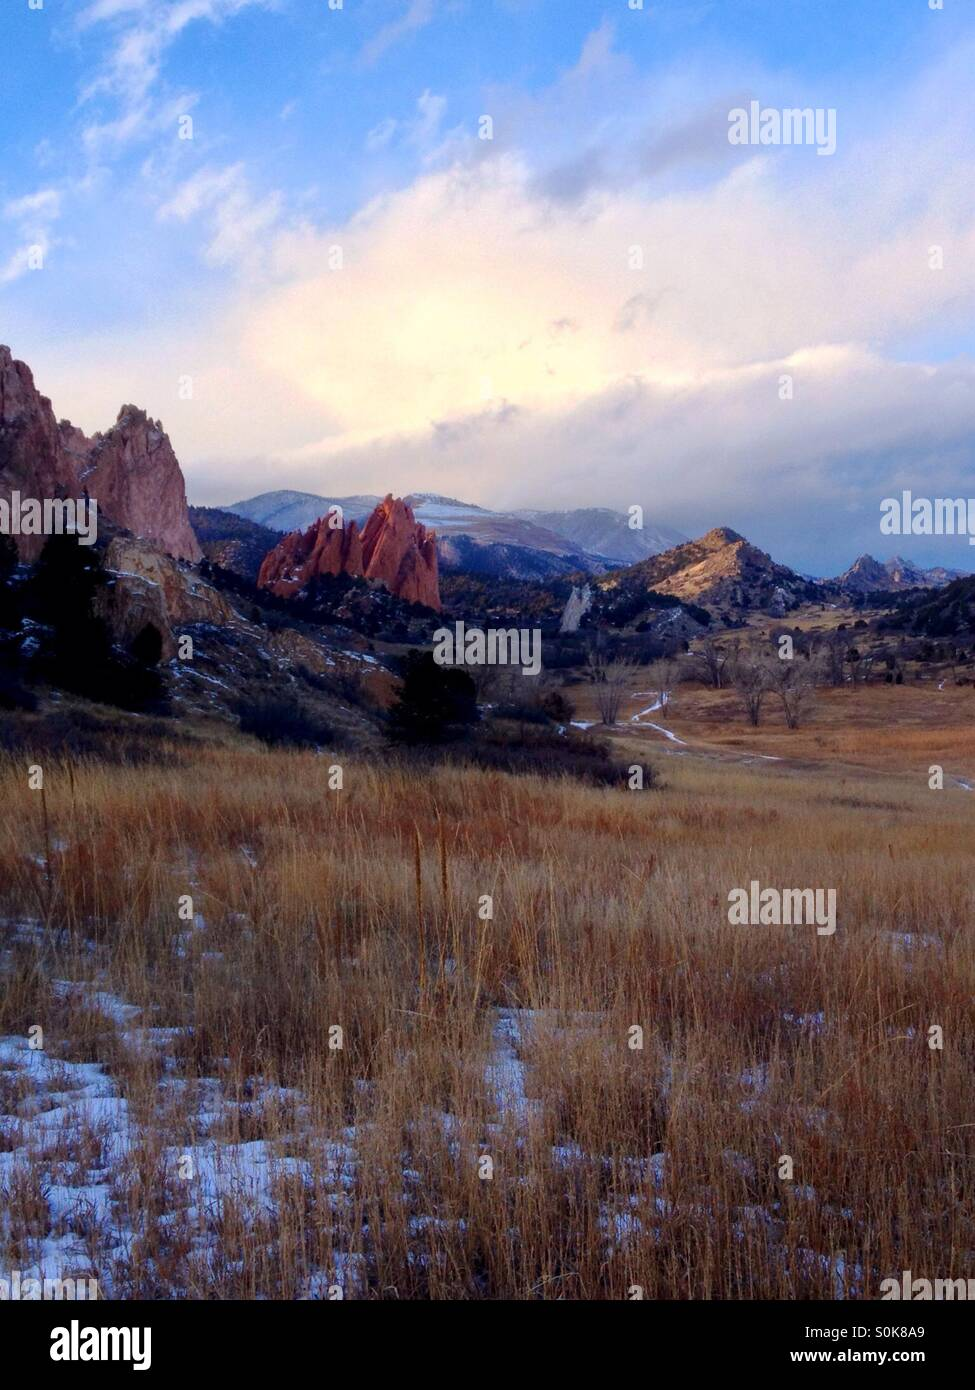 Garden of the Gods, Colorado - Stock Image